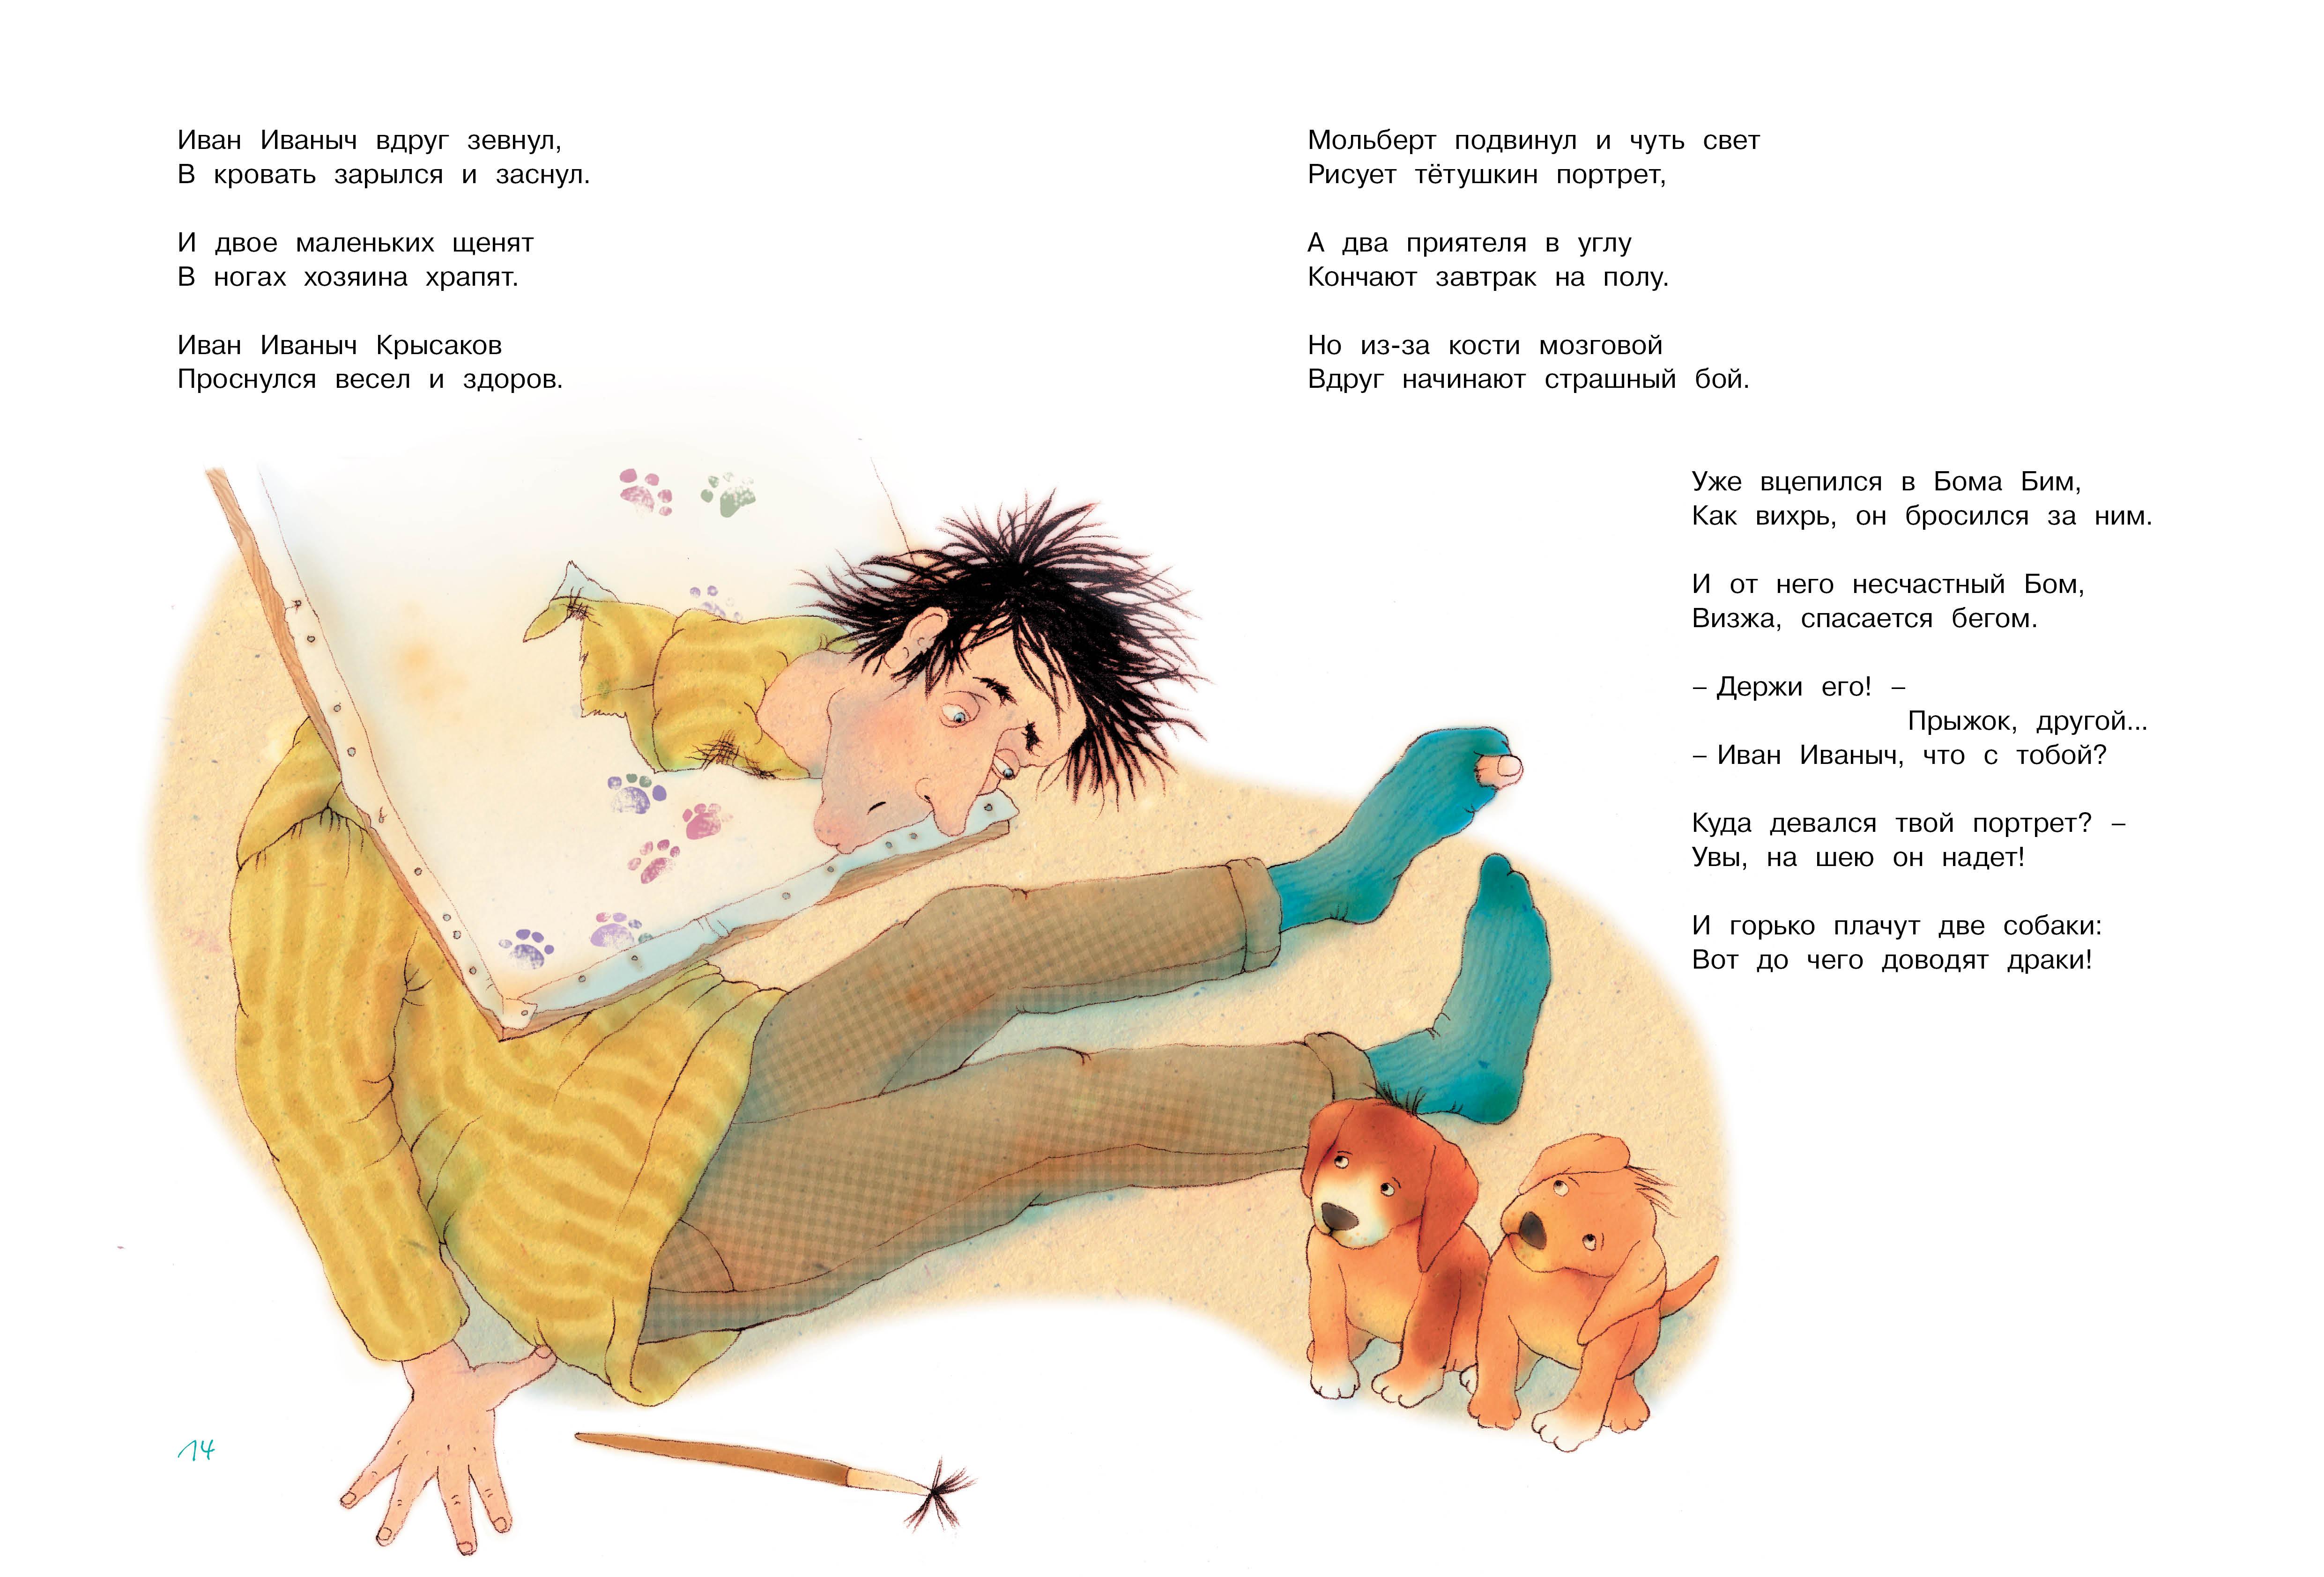 Даниил хармс стихи для детей фото